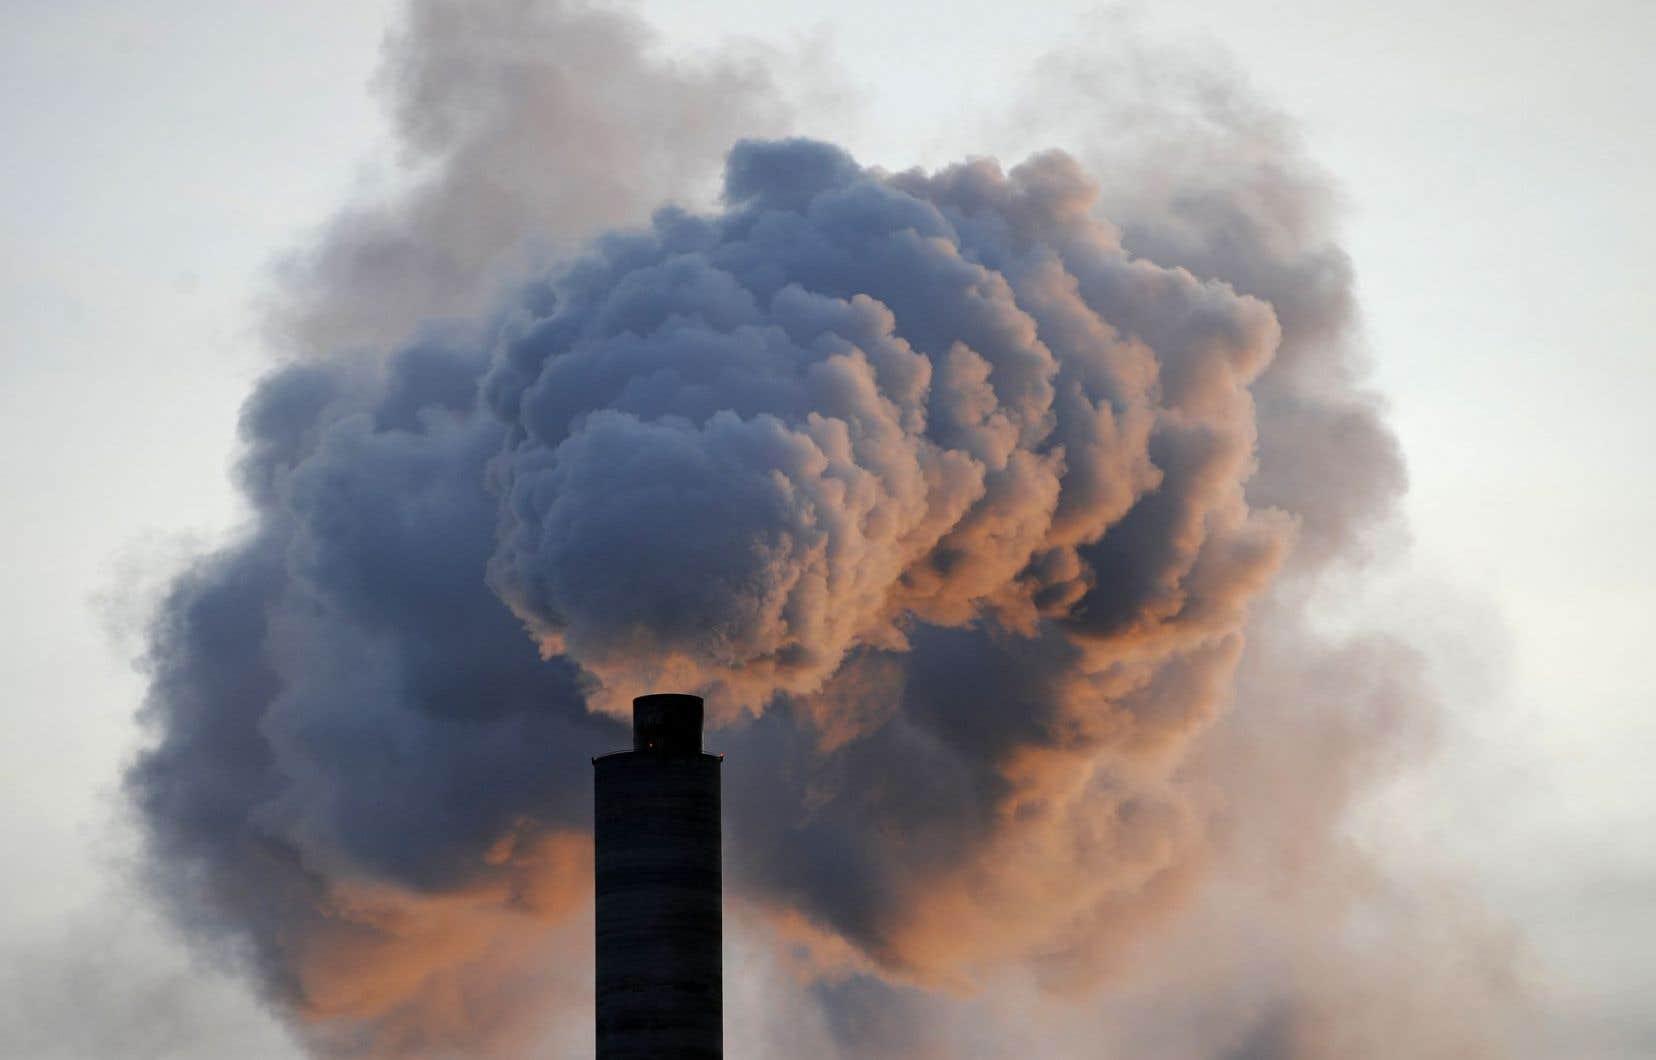 « Les changements climatiques existent. Il faut que nous réduisions nos émissions de gaz à effet de serre (GES)» dit le président de Tembec, James Lopez.